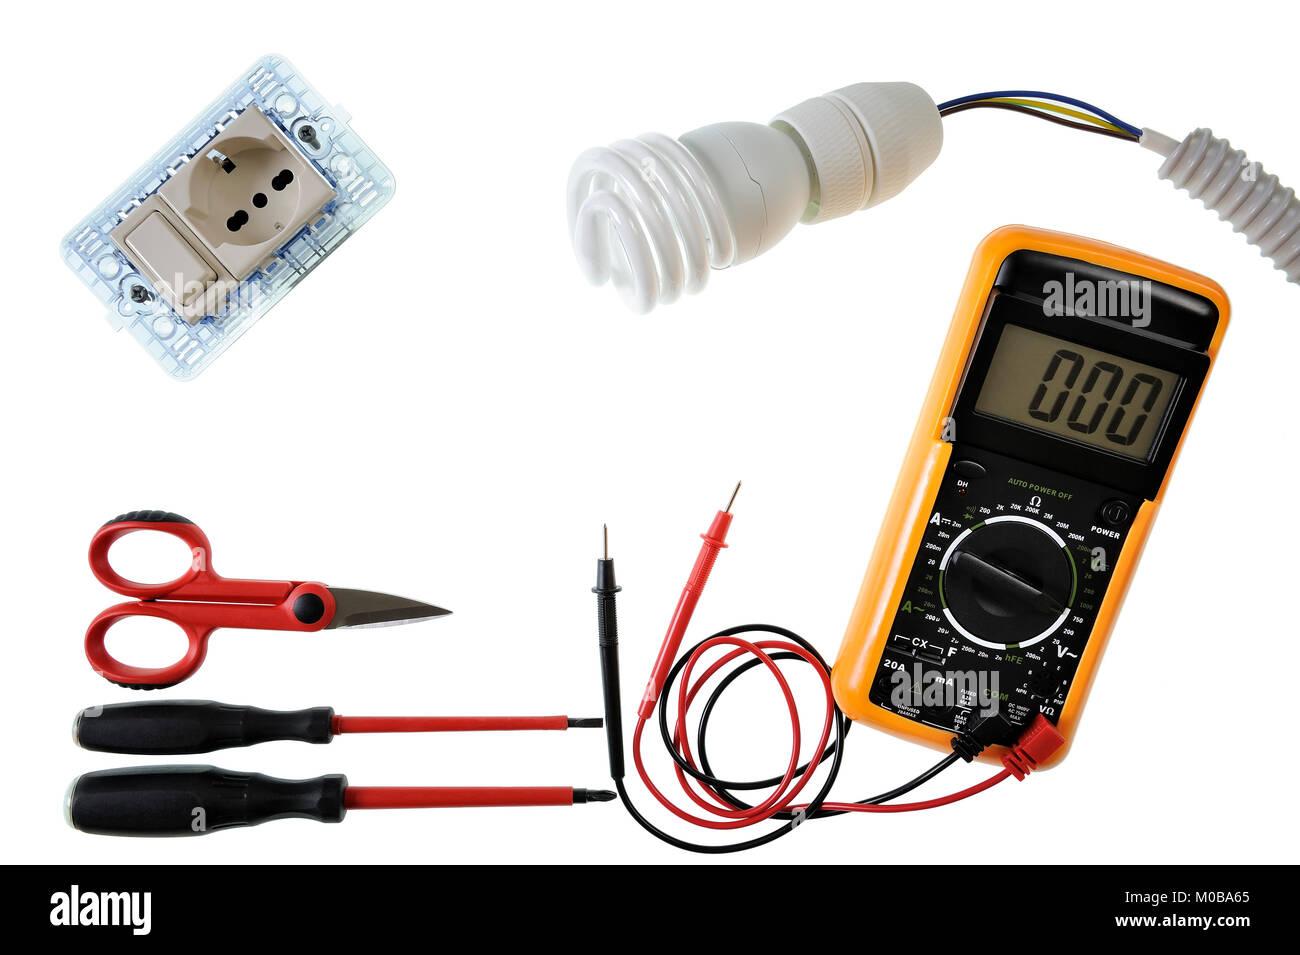 Charmant Dekorative Elektrische Kabel Ideen - Der Schaltplan ...